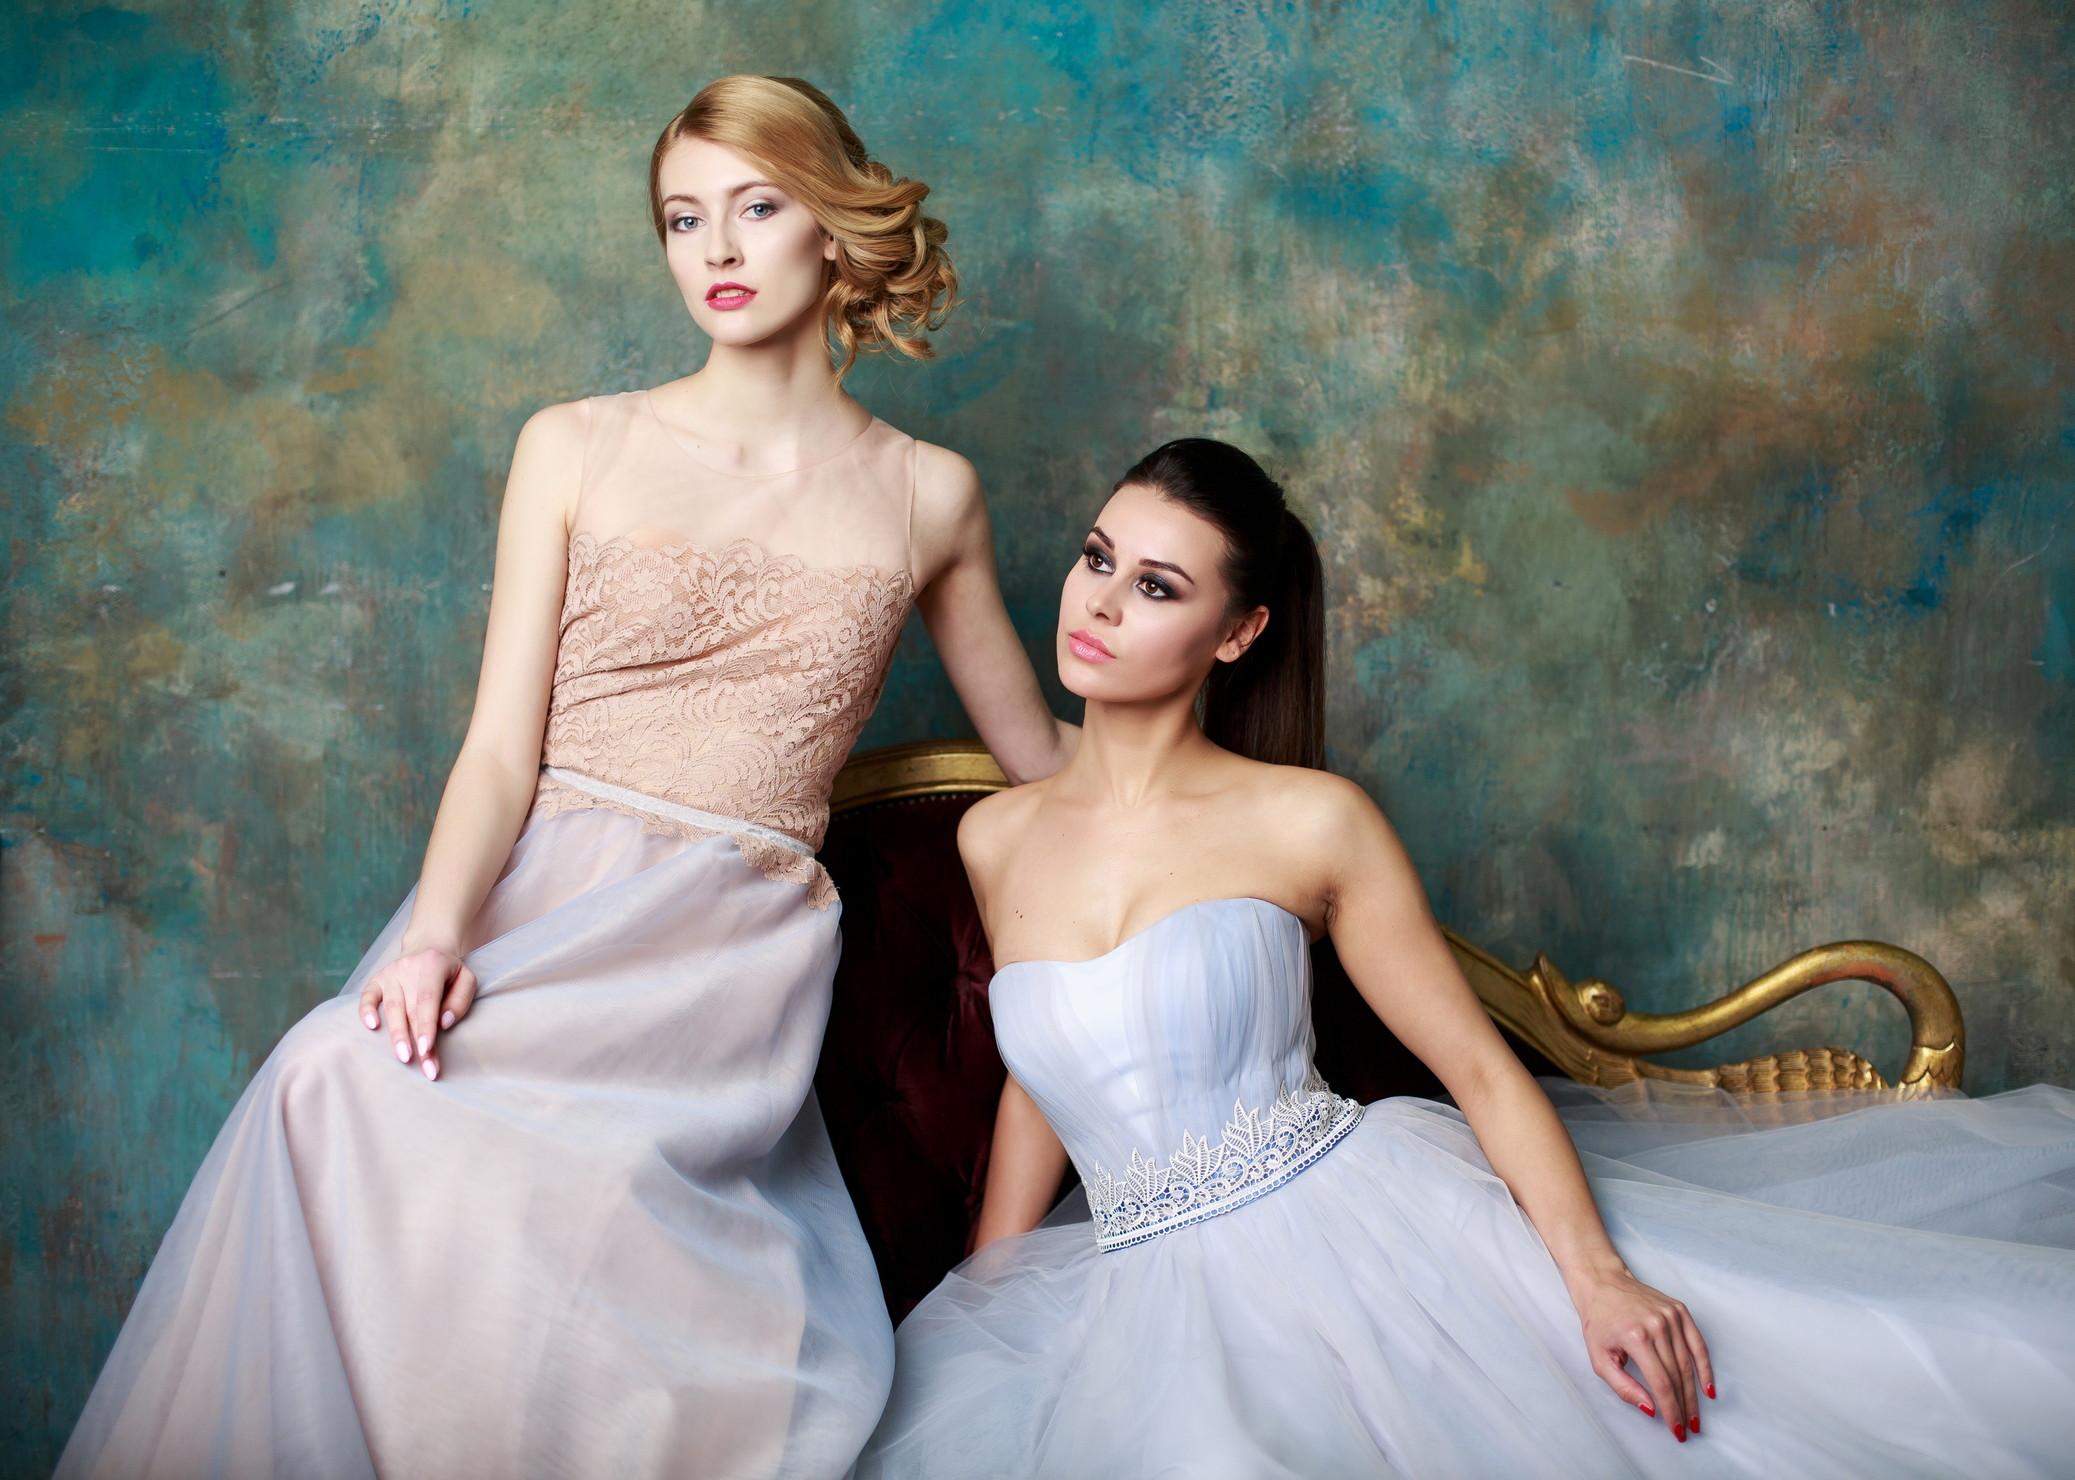 ширине швов фотосессия с платьем и макияжем в москве сегодня городу ширвиндт